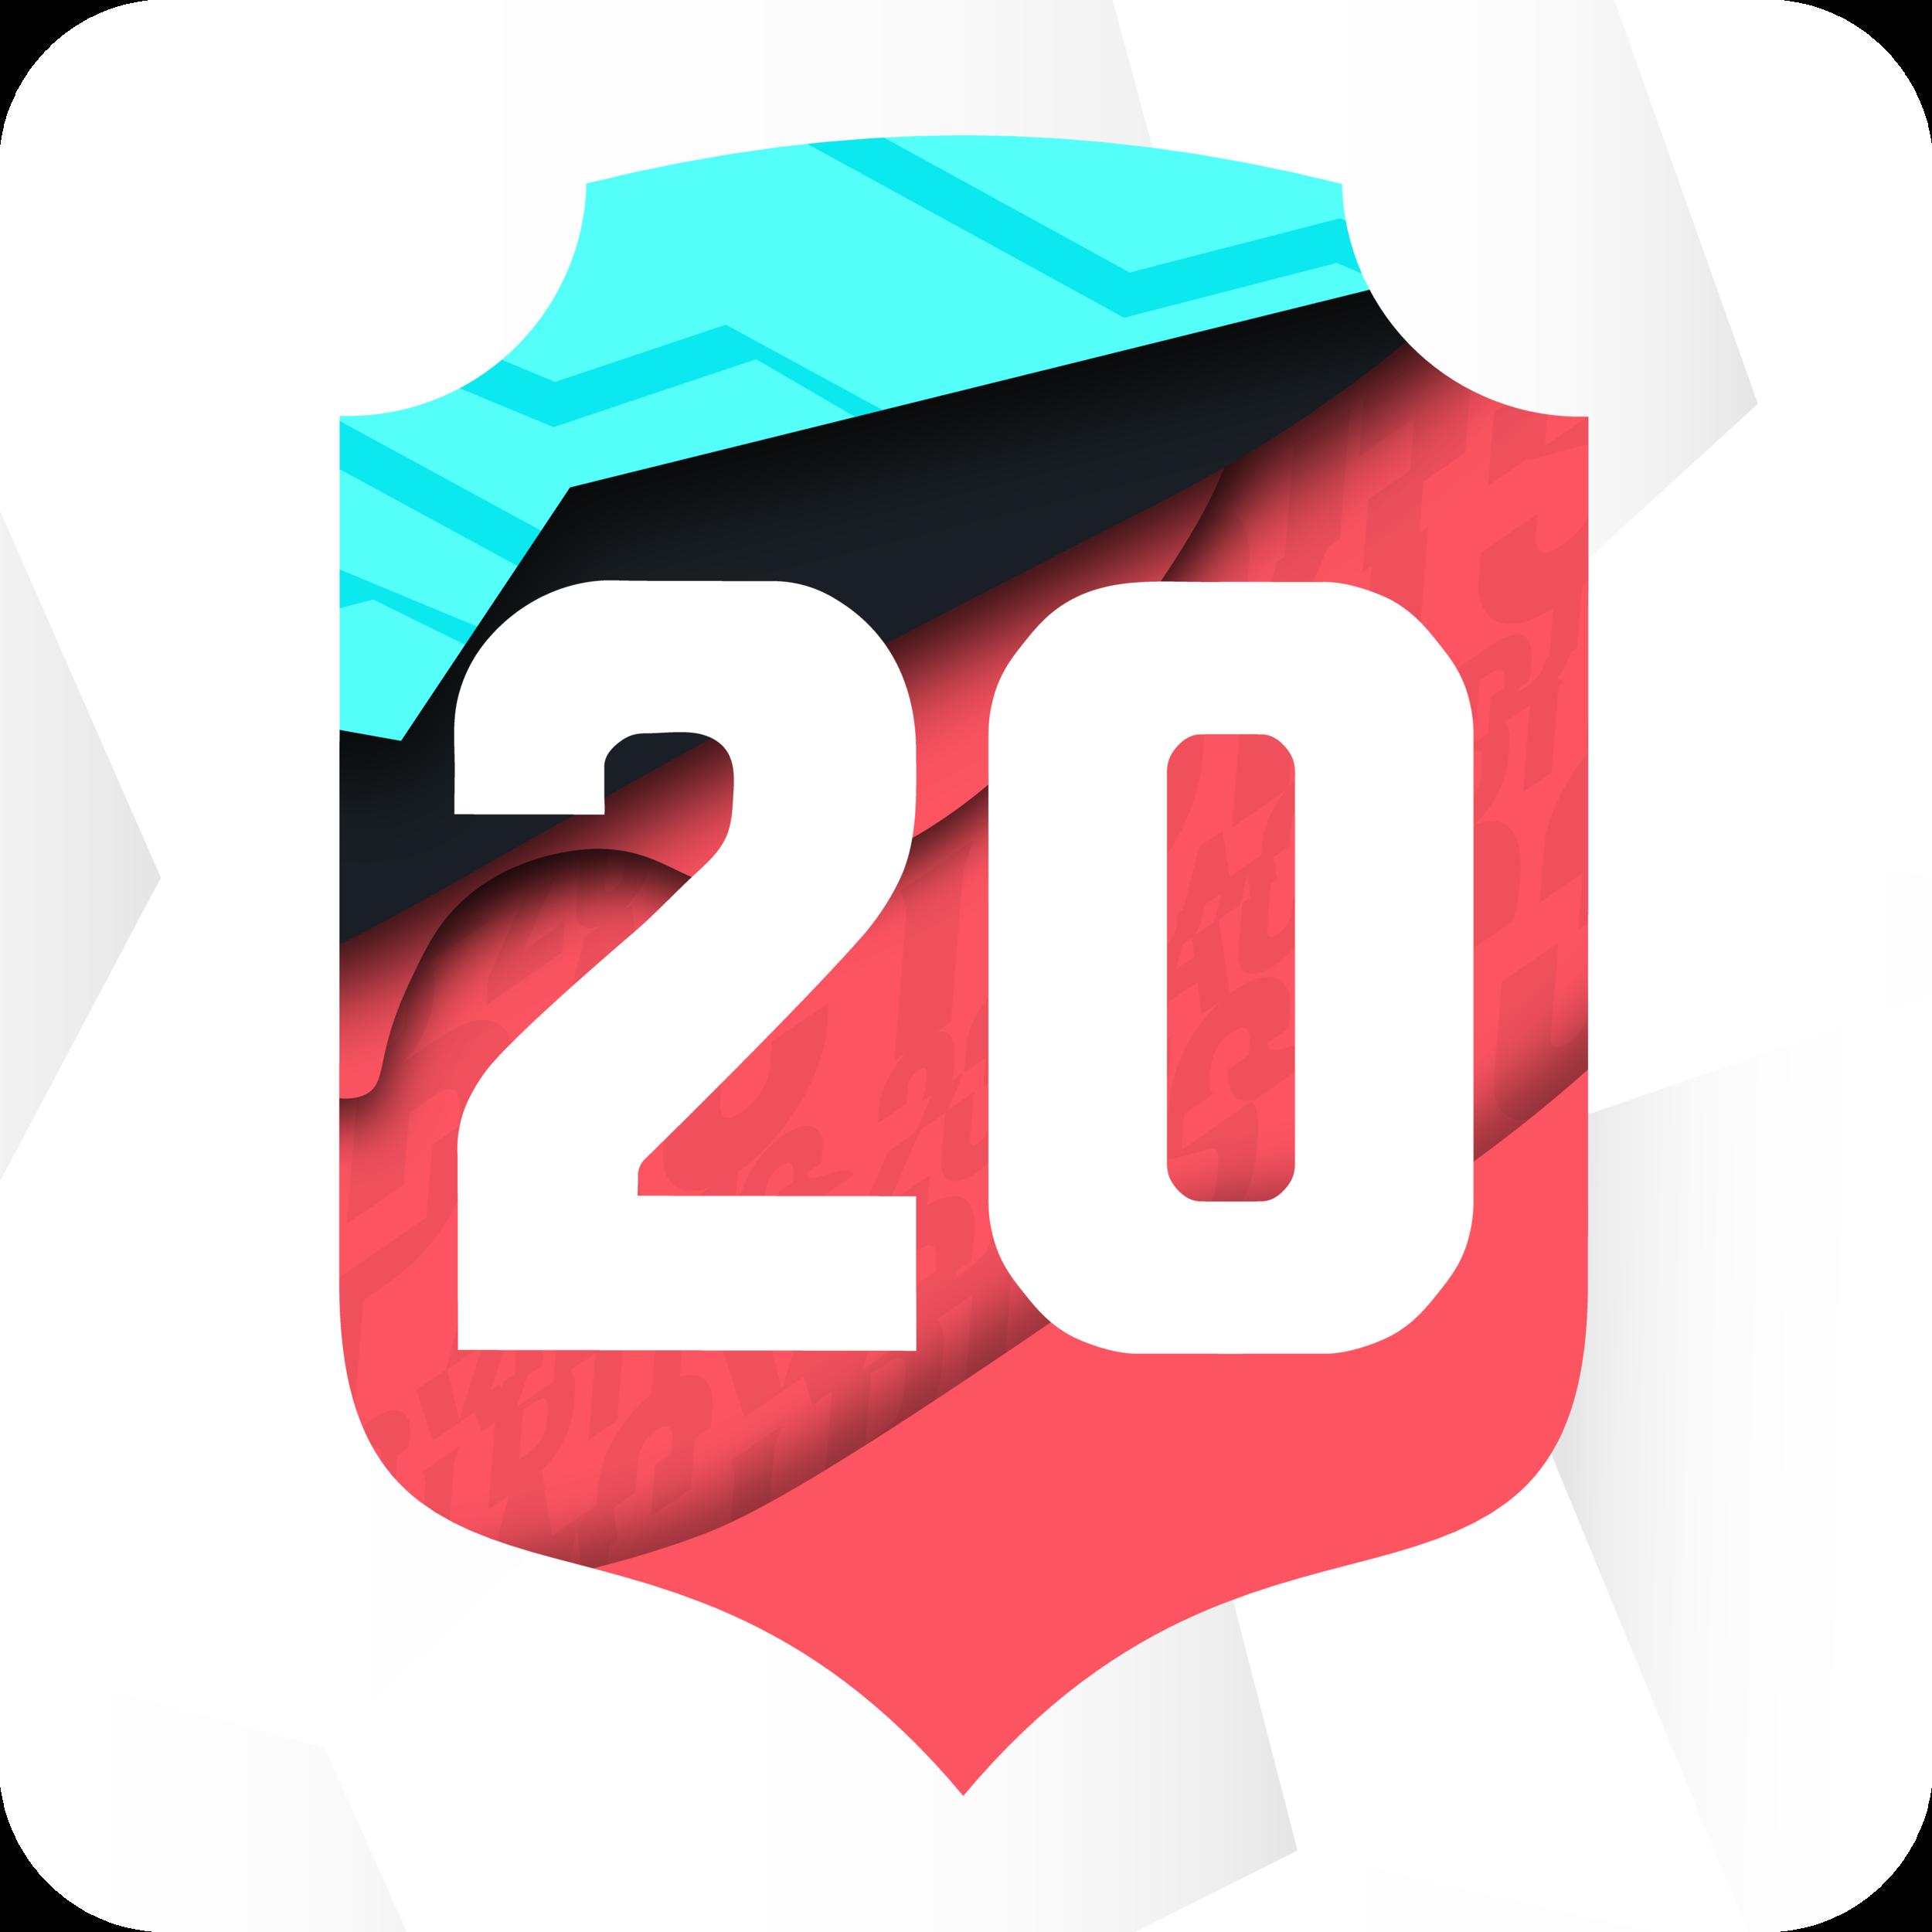 20 logo-21.png